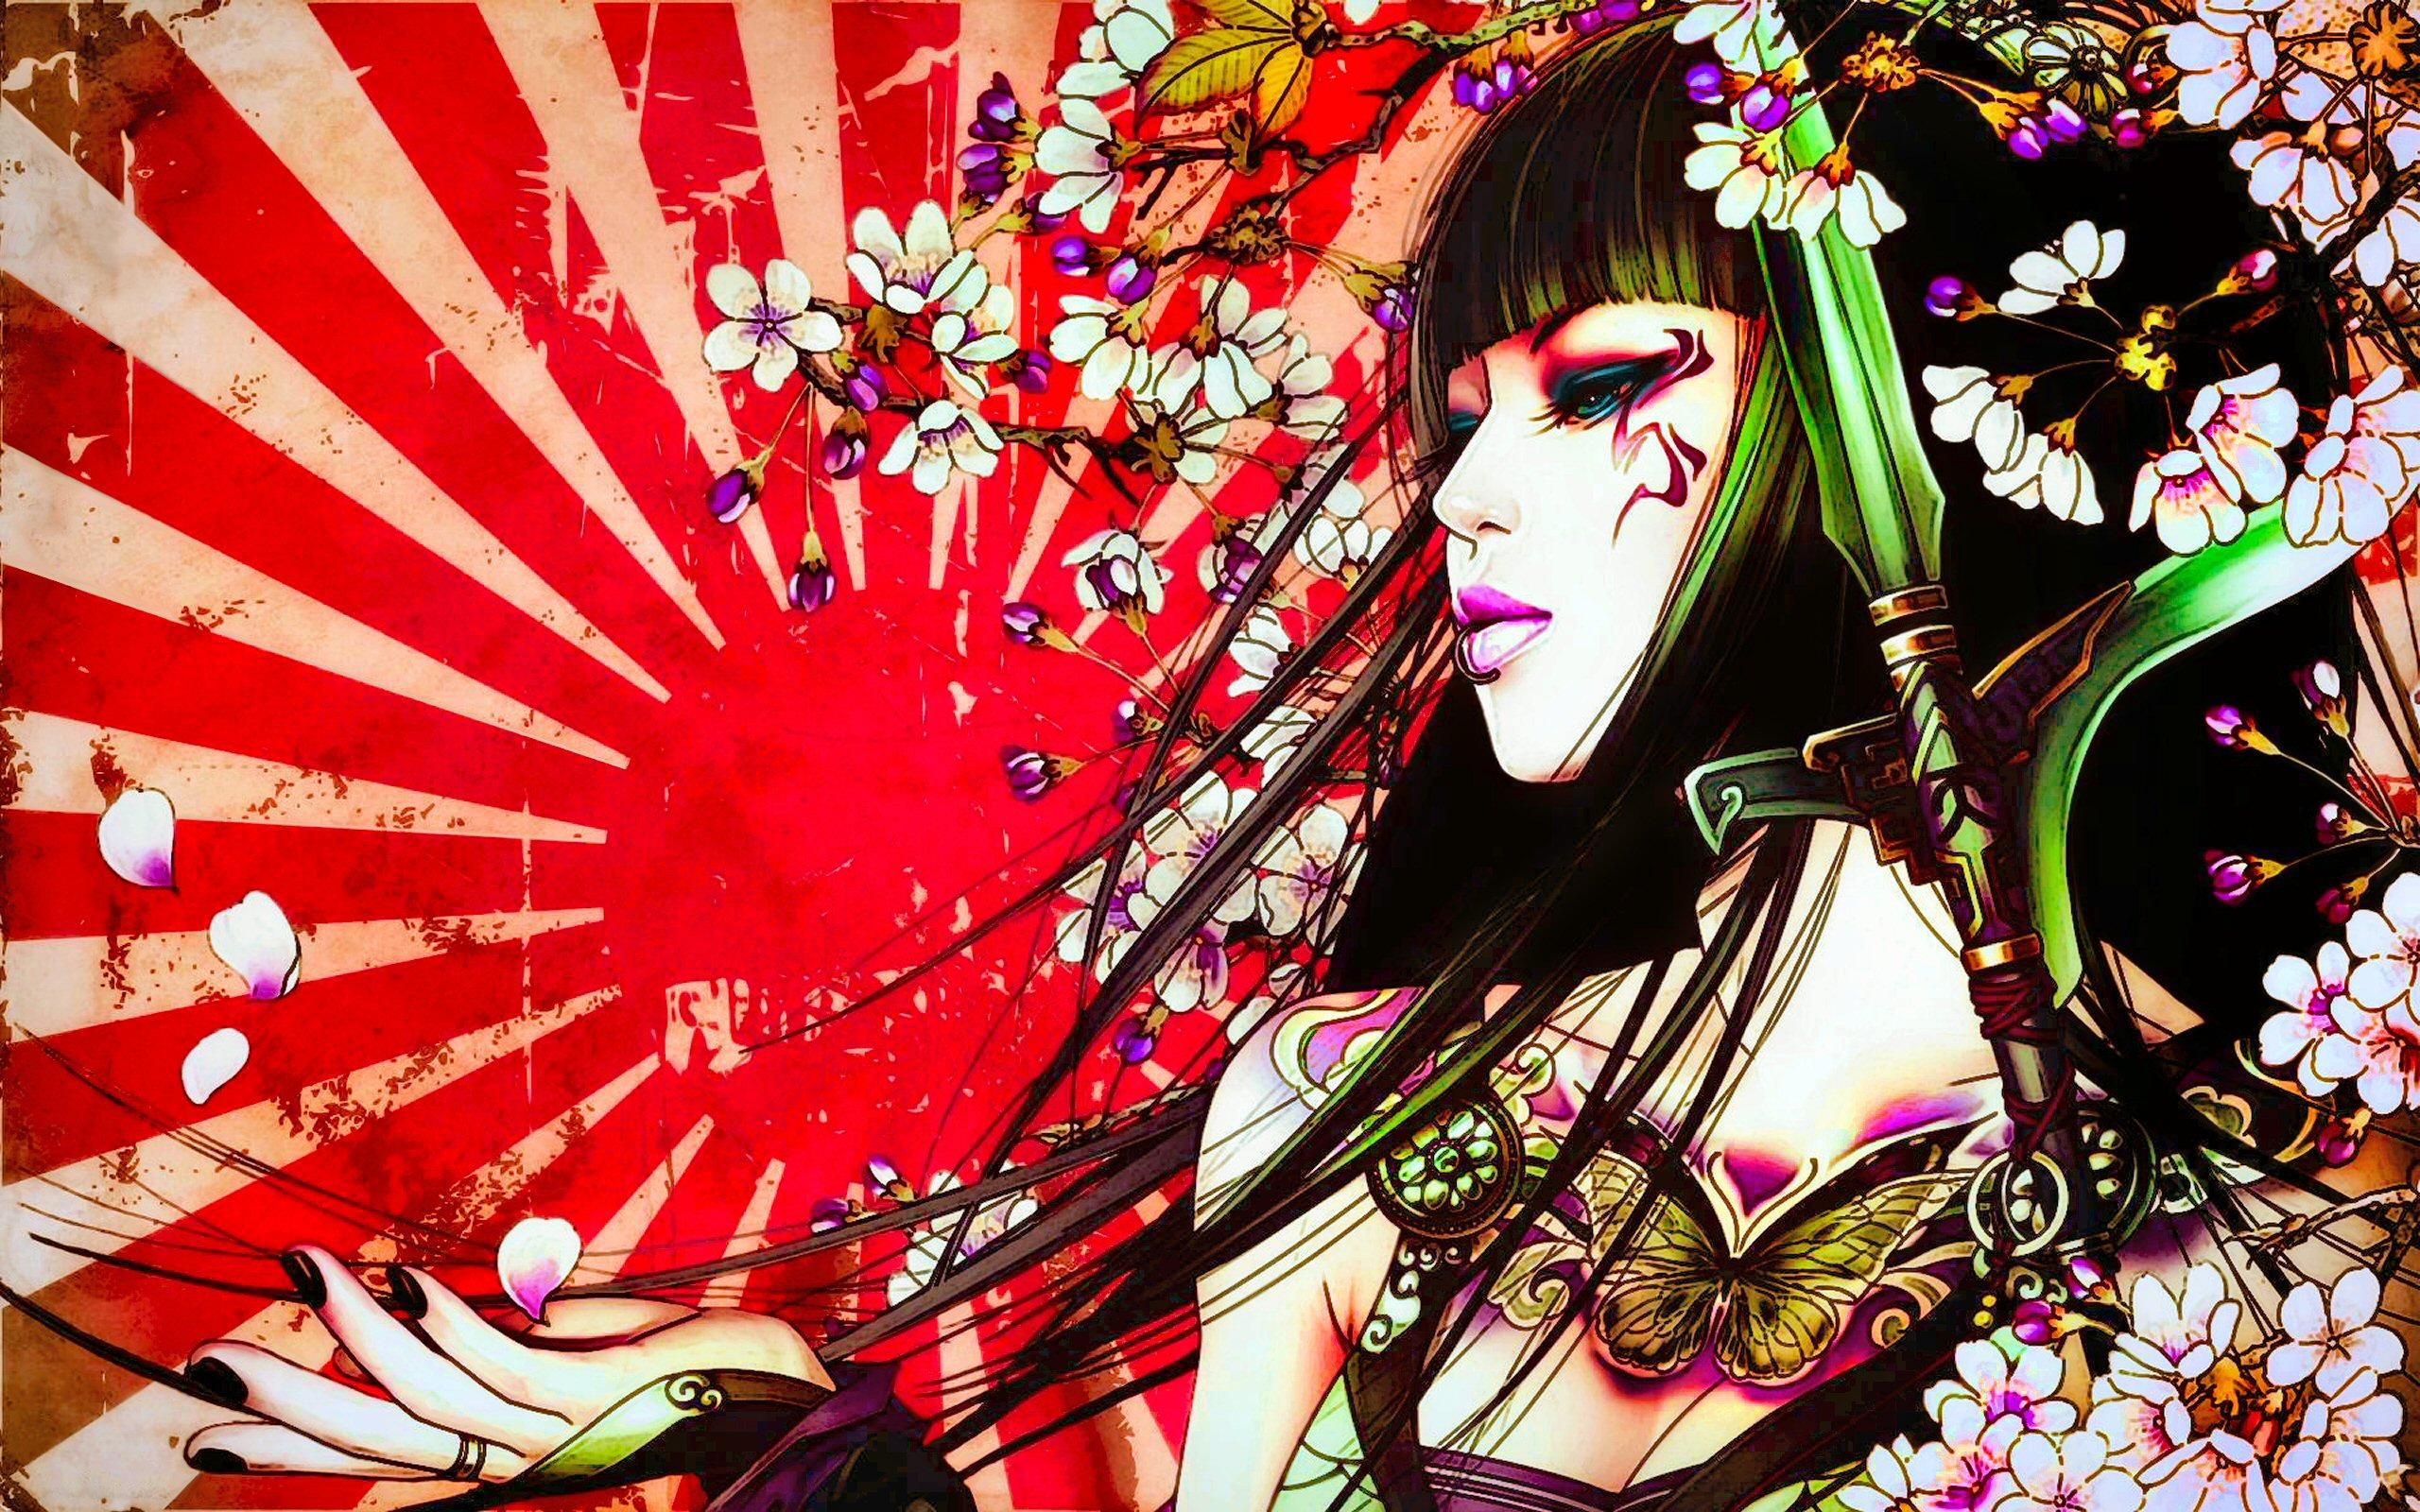 Geisha: Художні, Фентезі, Japan, Sun, Asian, Colorful, Tattoo, Oriental, Petal, Geisha